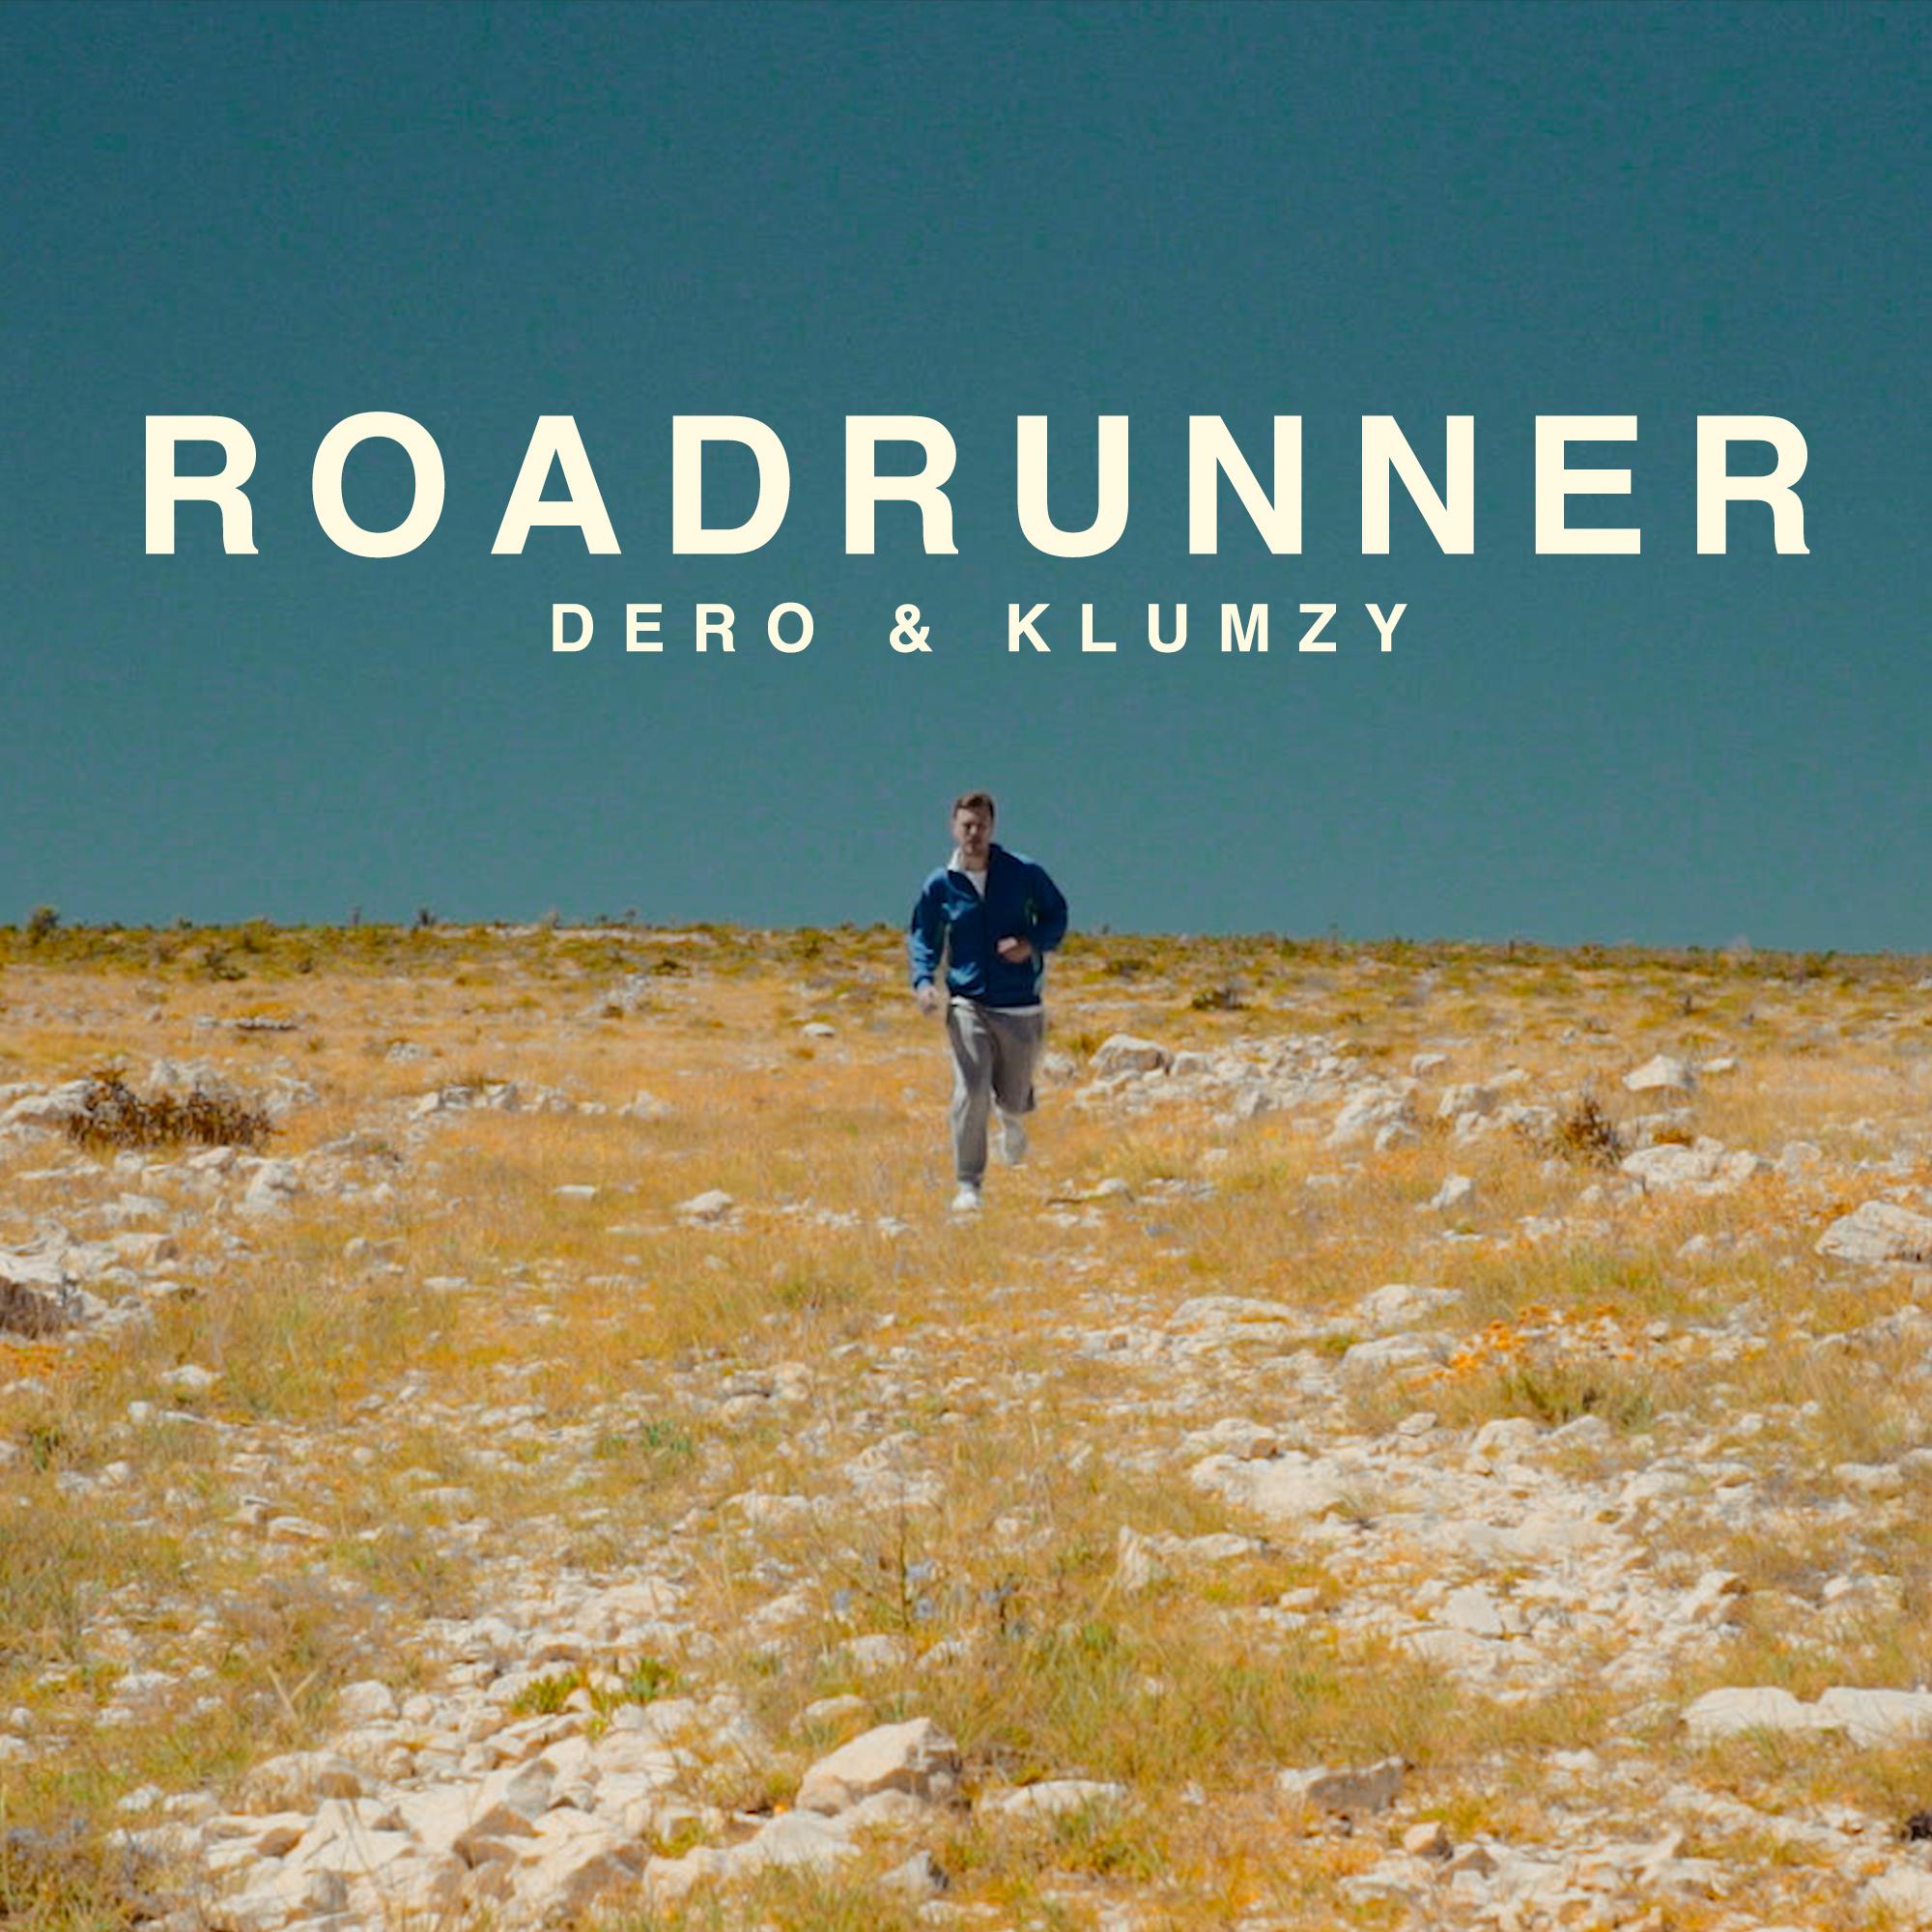 Cover_Roadrunner_2000x2000.jpg